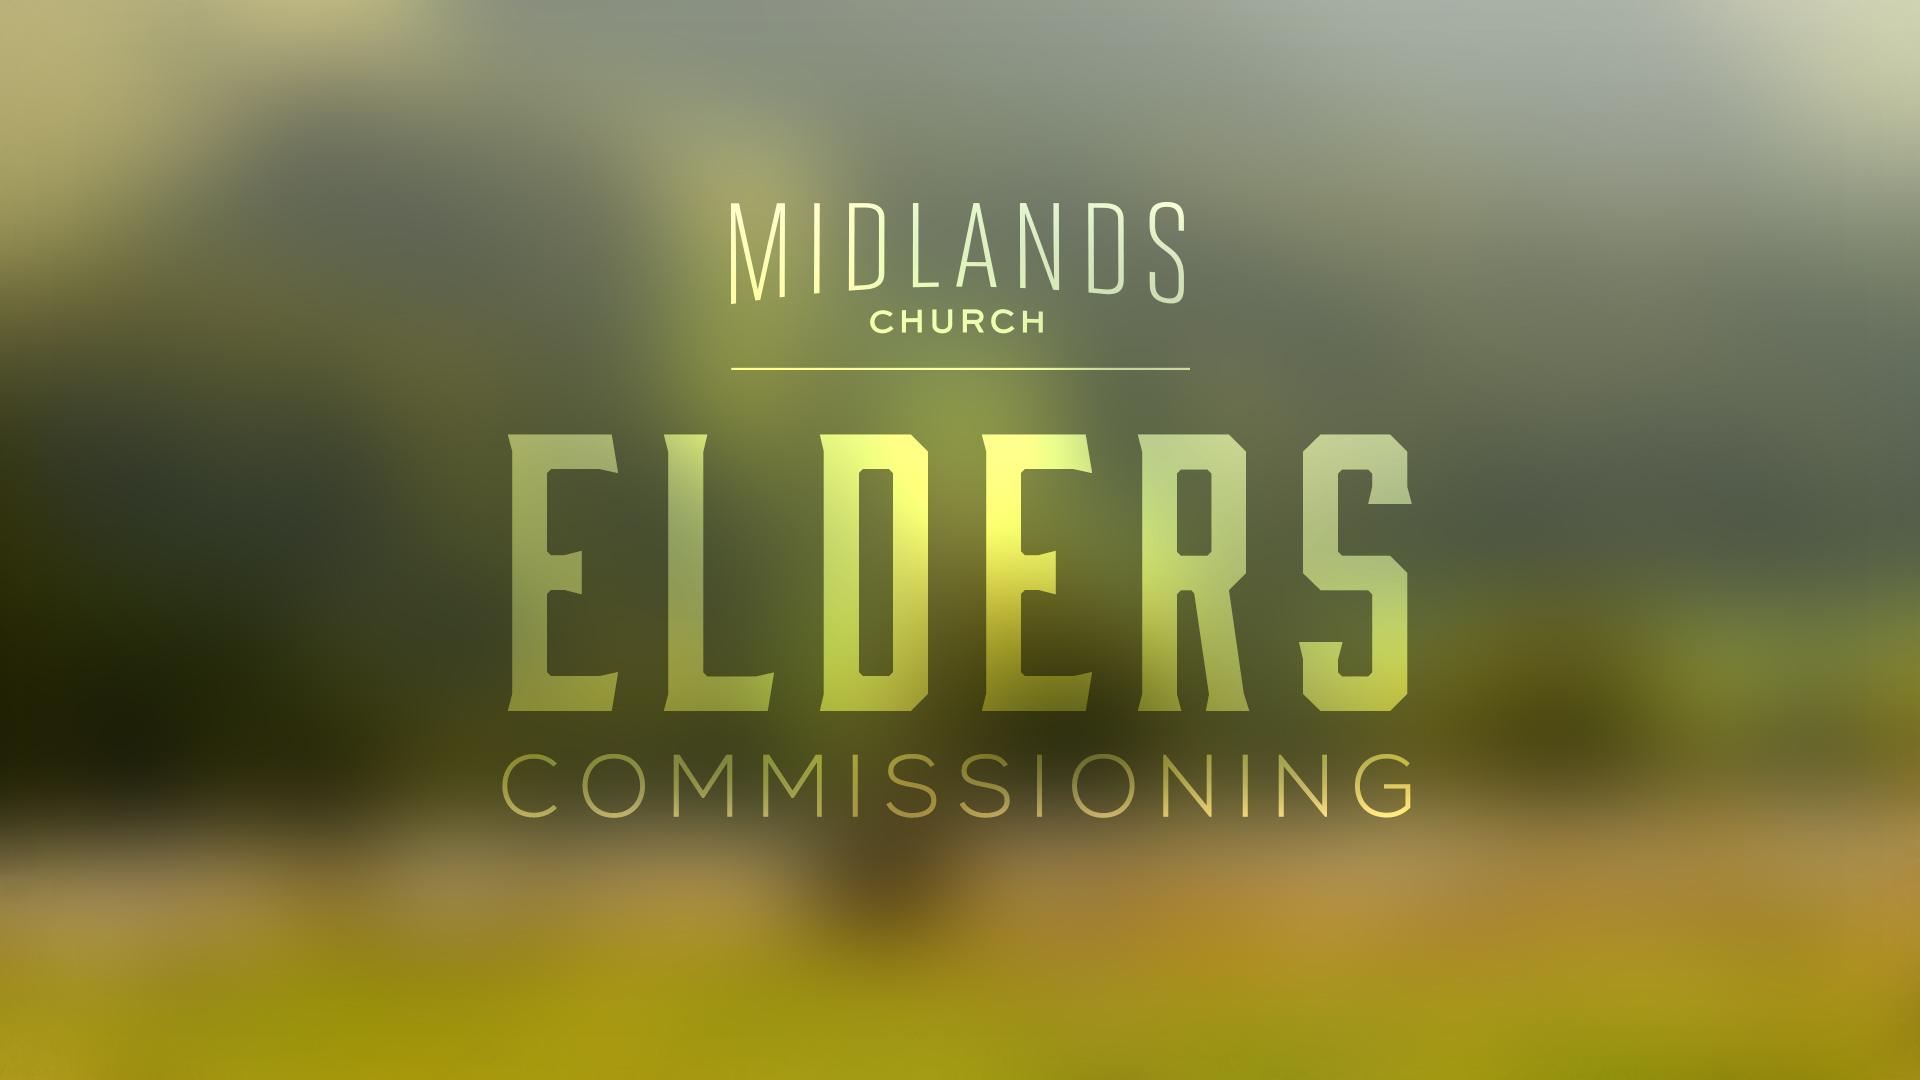 Elders Commissioning.jpg